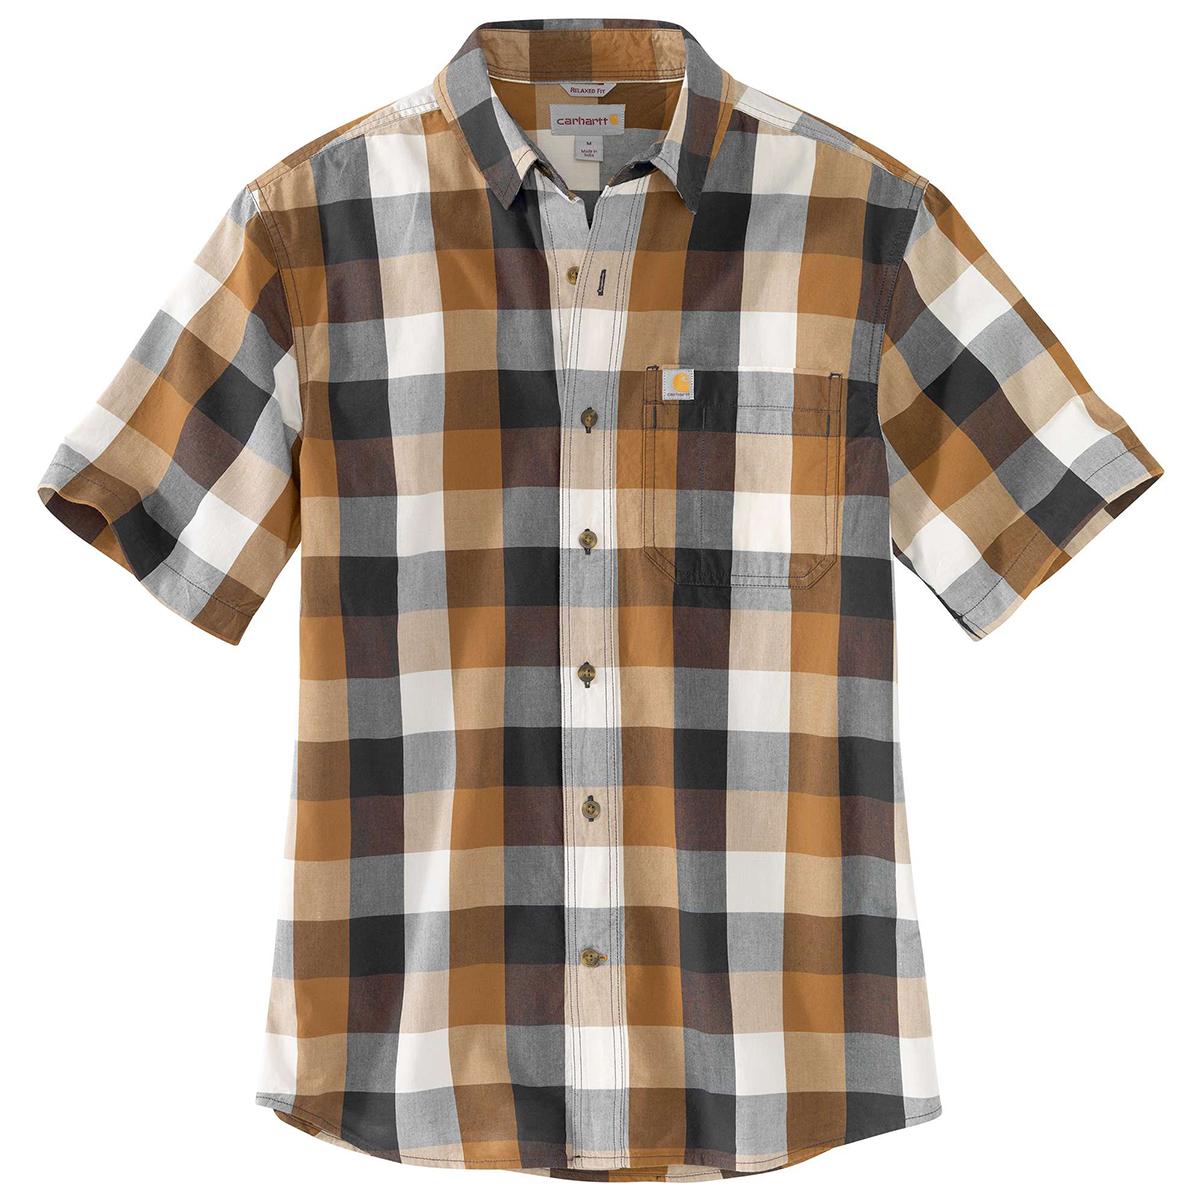 Carhartt Men's Essential Plaid Open Collar Short-Sleeve Shirt - Brown, XXL